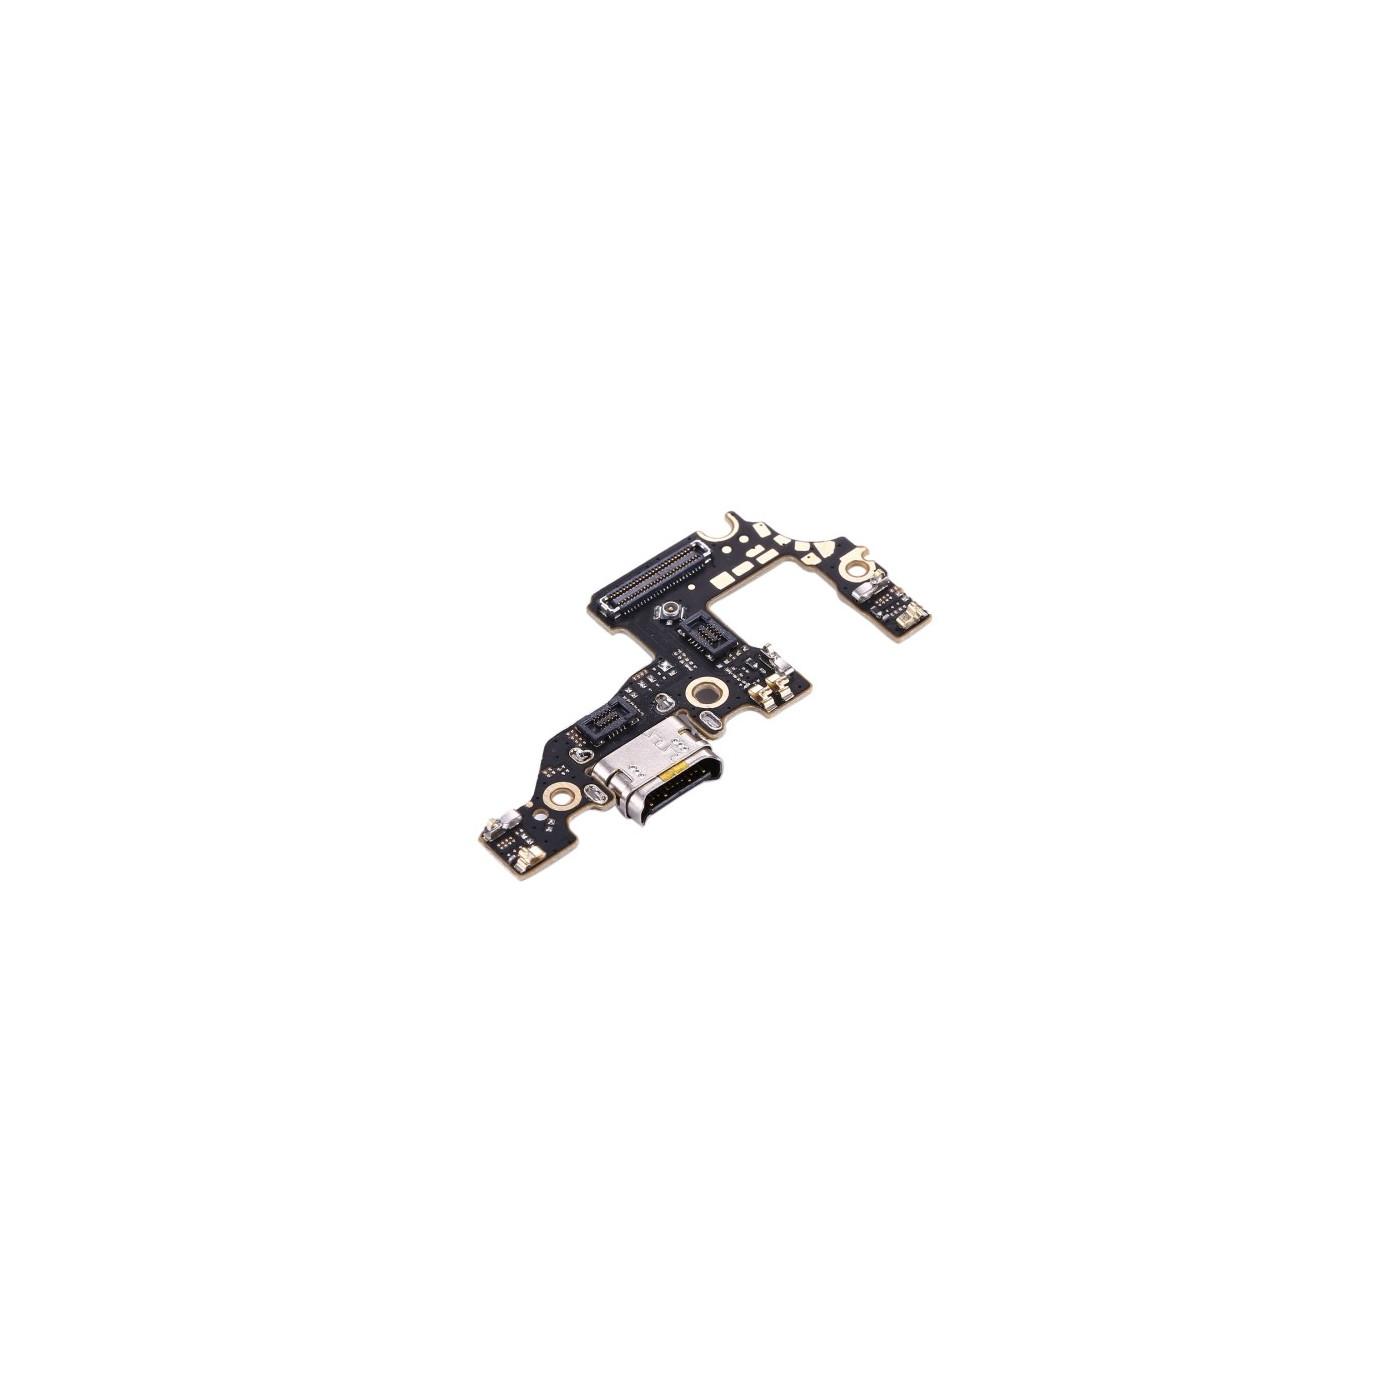 Connecteur de charge plat flexible pour charge HUAWEI P10